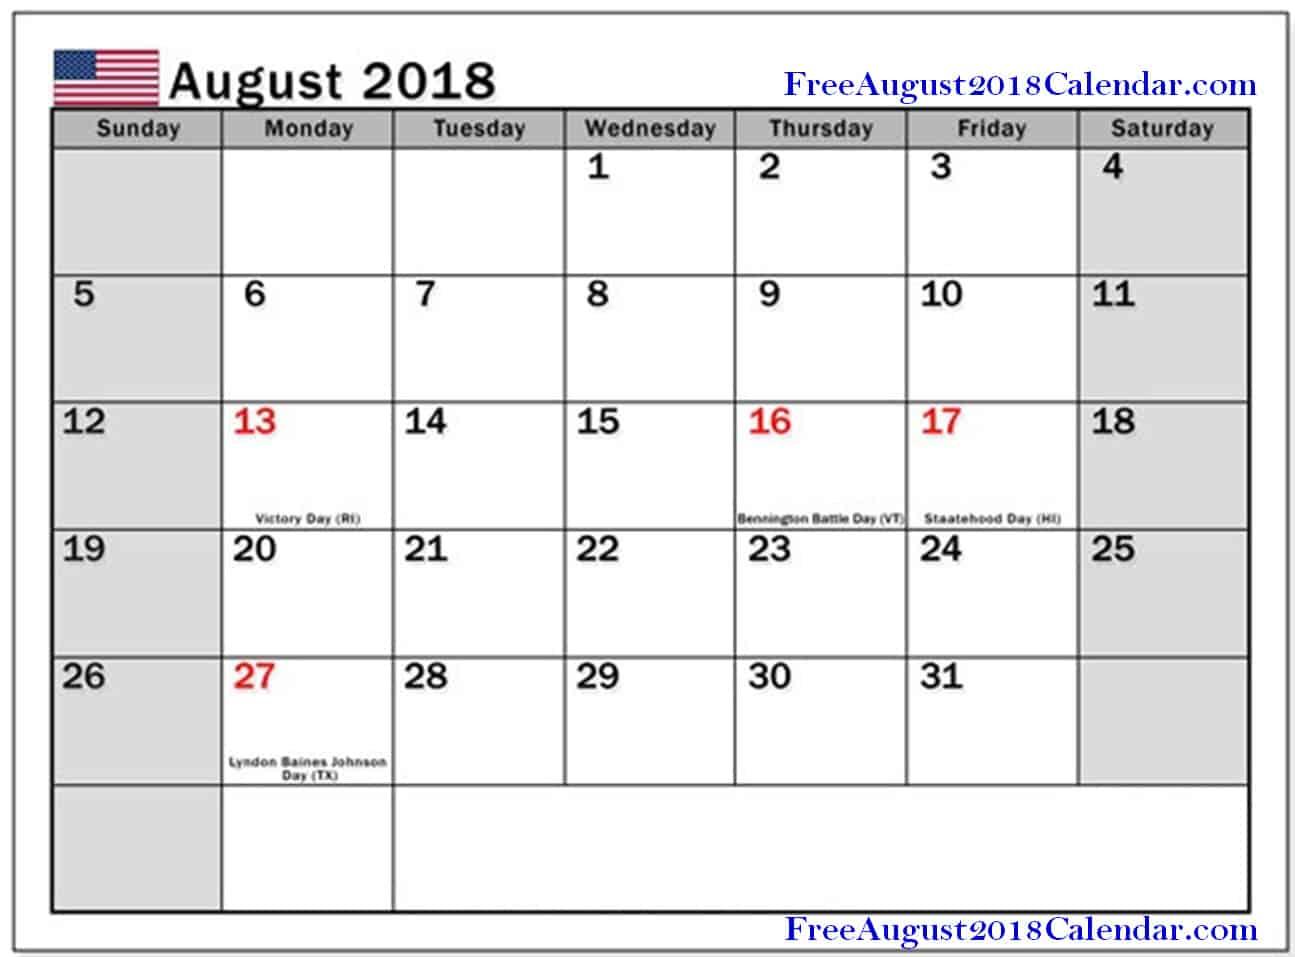 August 2018 Calendar USA